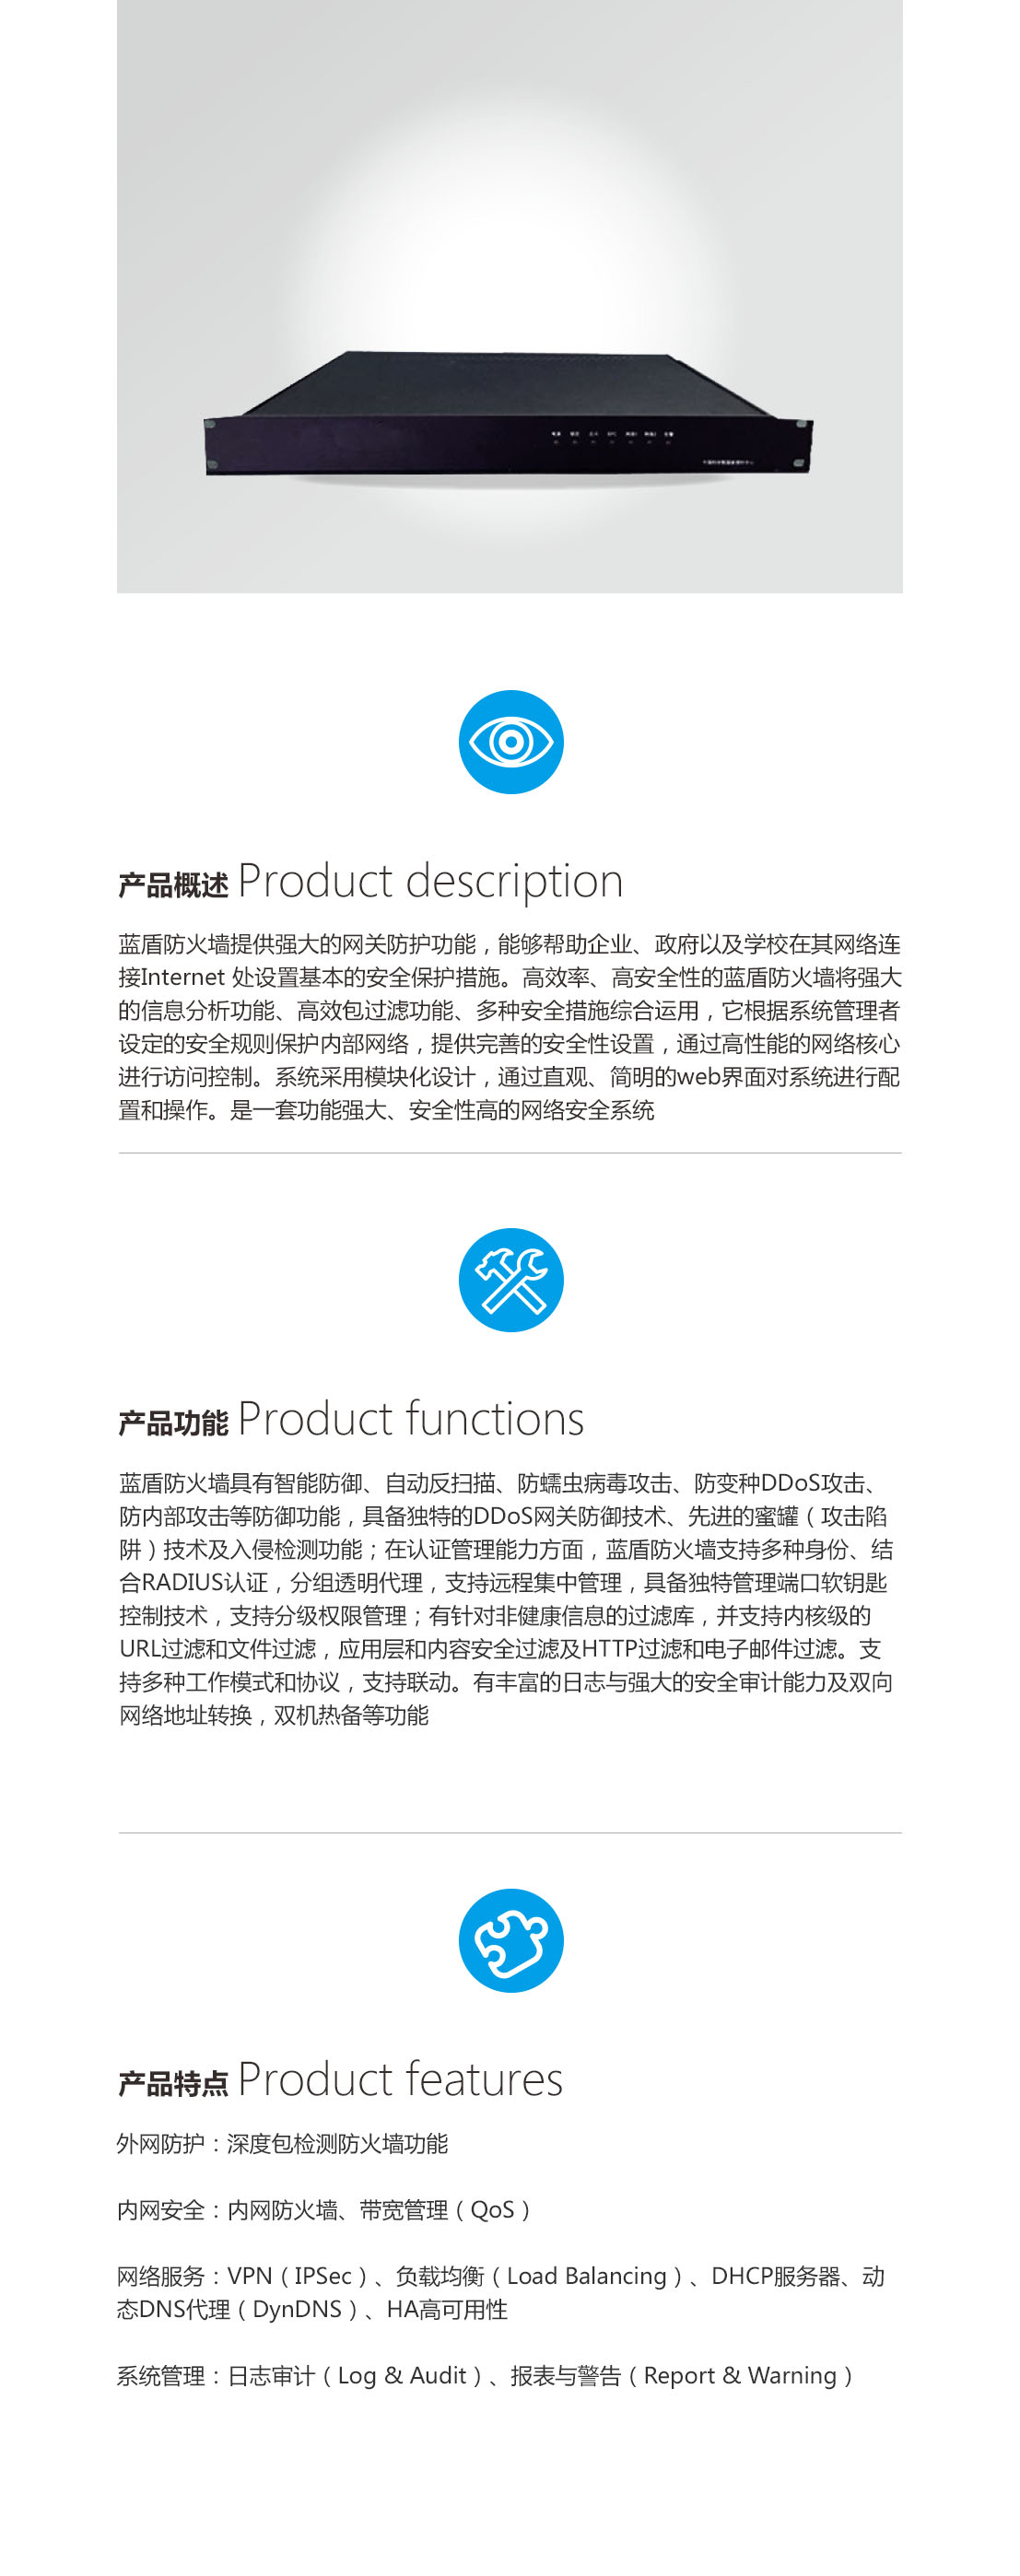 设备产品描述页模板 裁切.jpg